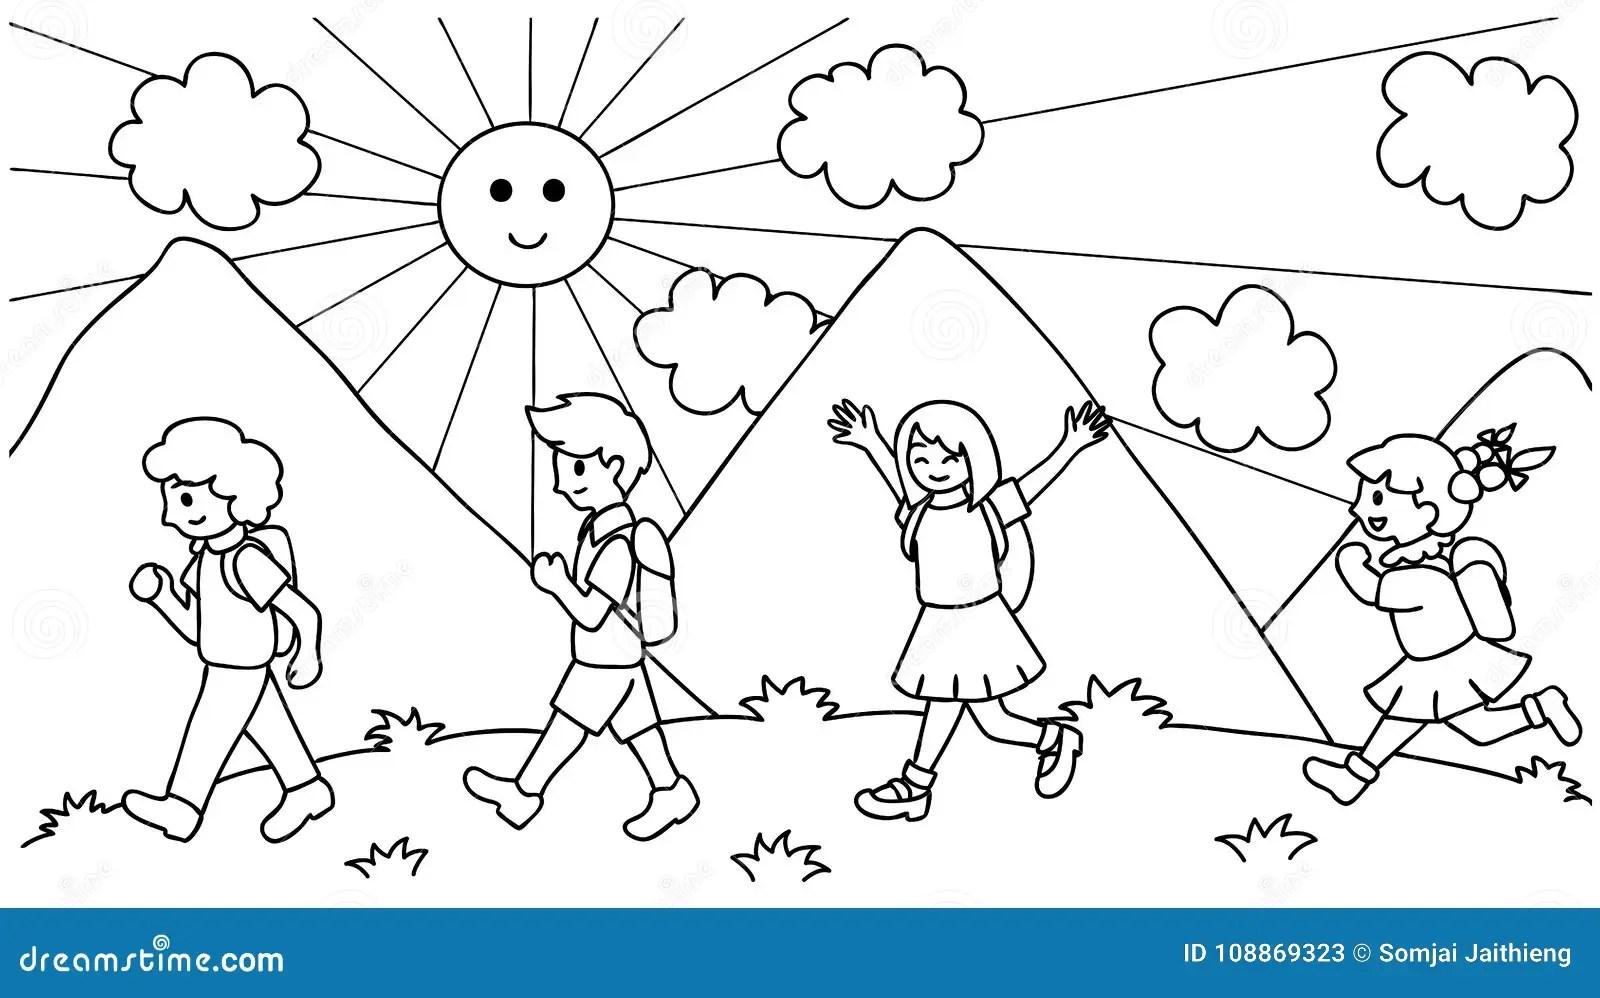 Kids Walking Stock Illustrations 3 645 Kids Walking Stock Illustrations Vectors Amp Clipart